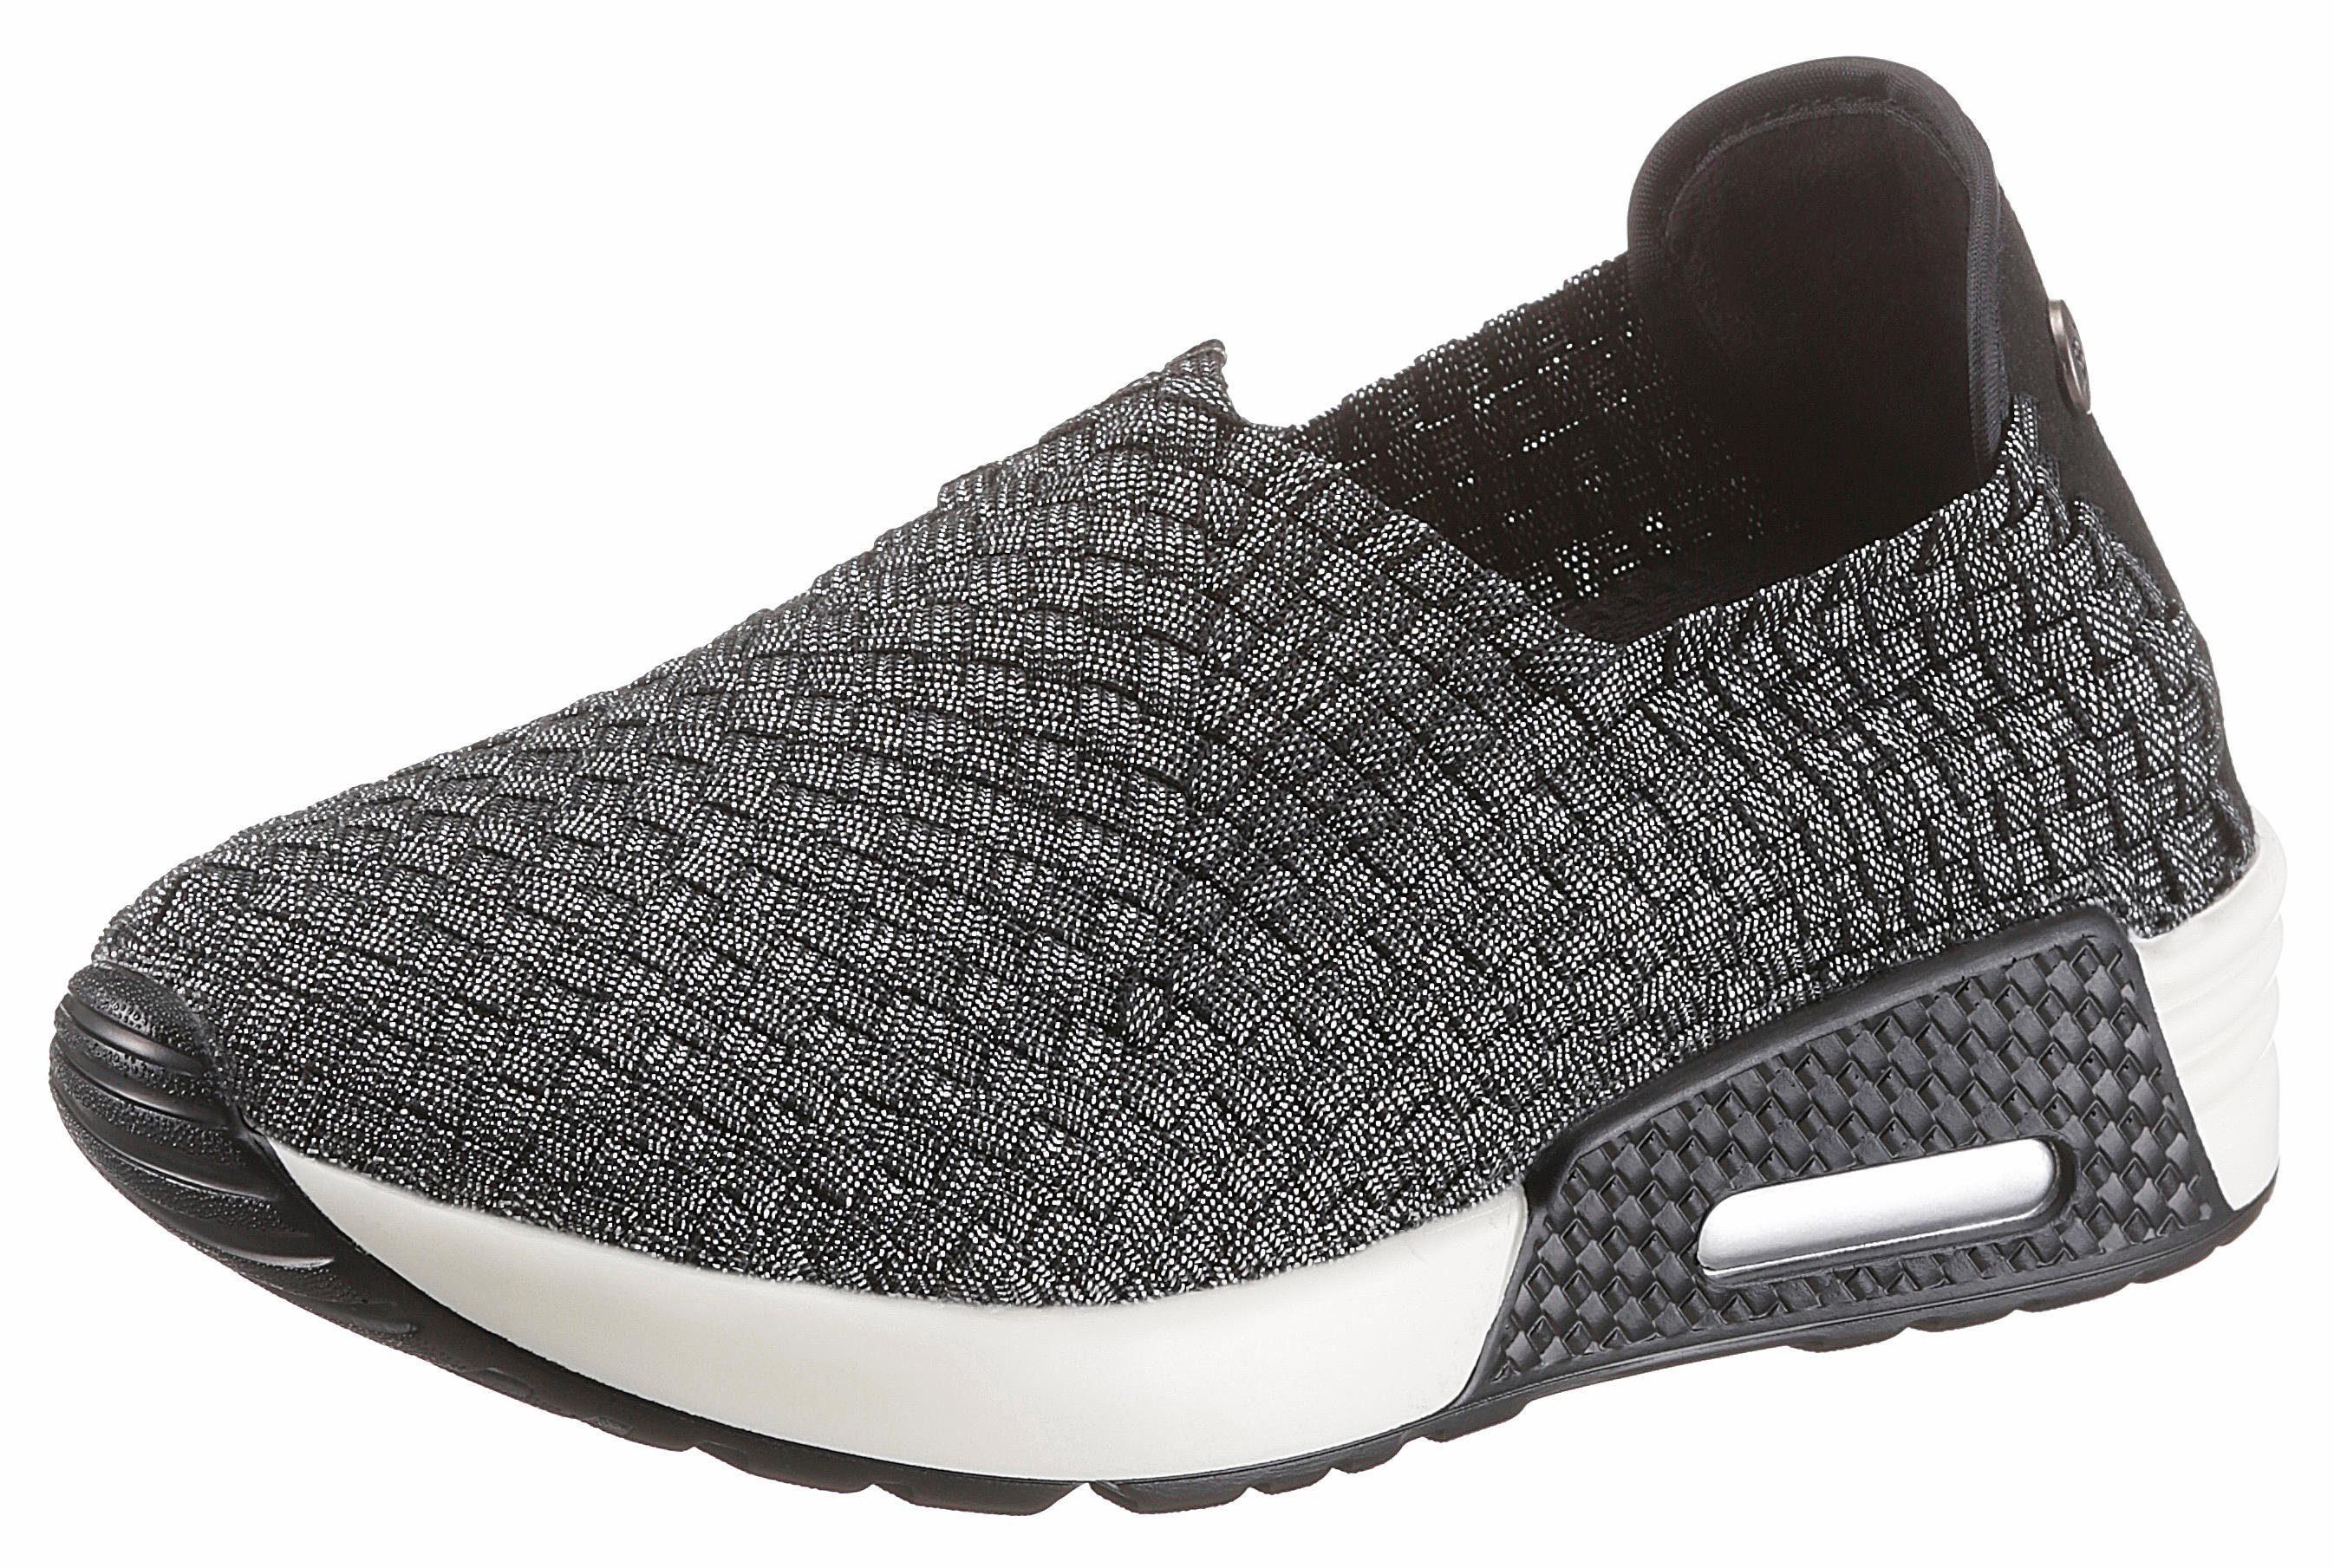 BERNIE MEV Best Gem Sneaker, mit trendigen Metallic-Schimmer online kaufen  silberfarben-schwarz